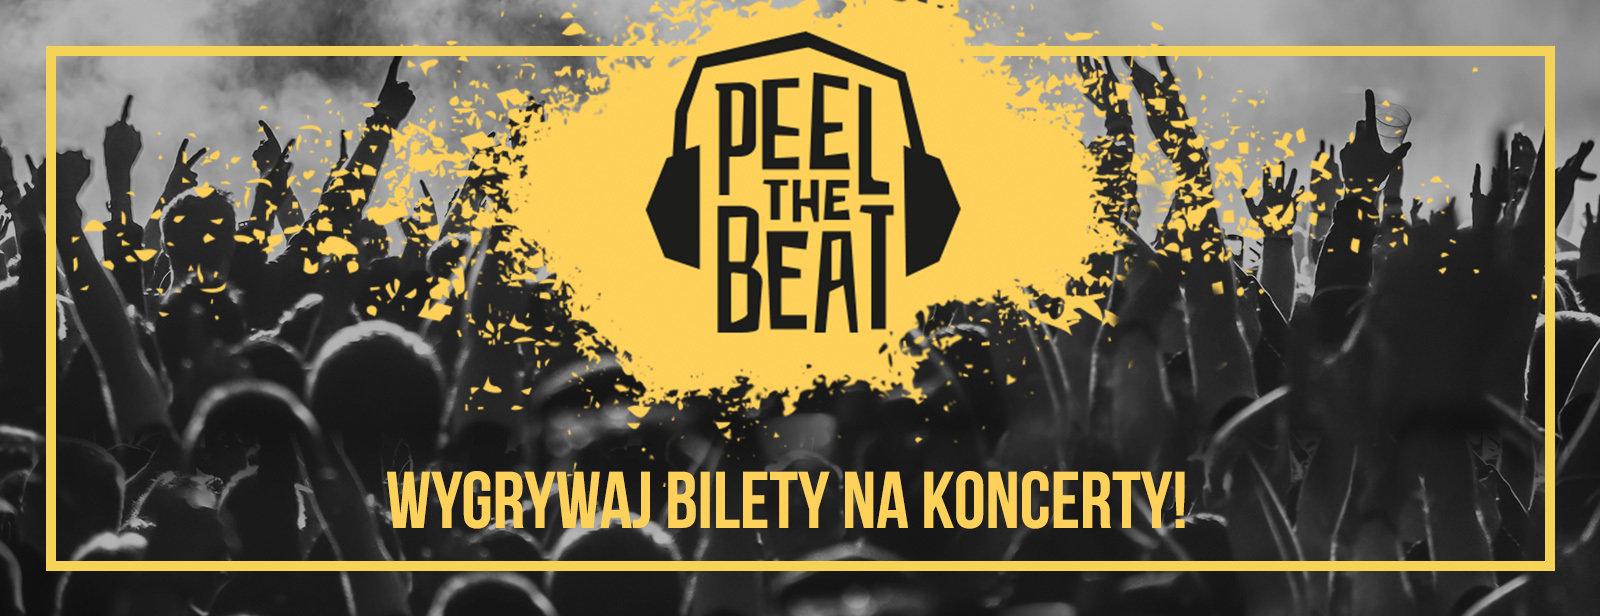 Peel The Beat! Na koncerty największych gwiazd światowej sceny muzycznej zapraszają Hand Made i William Peel